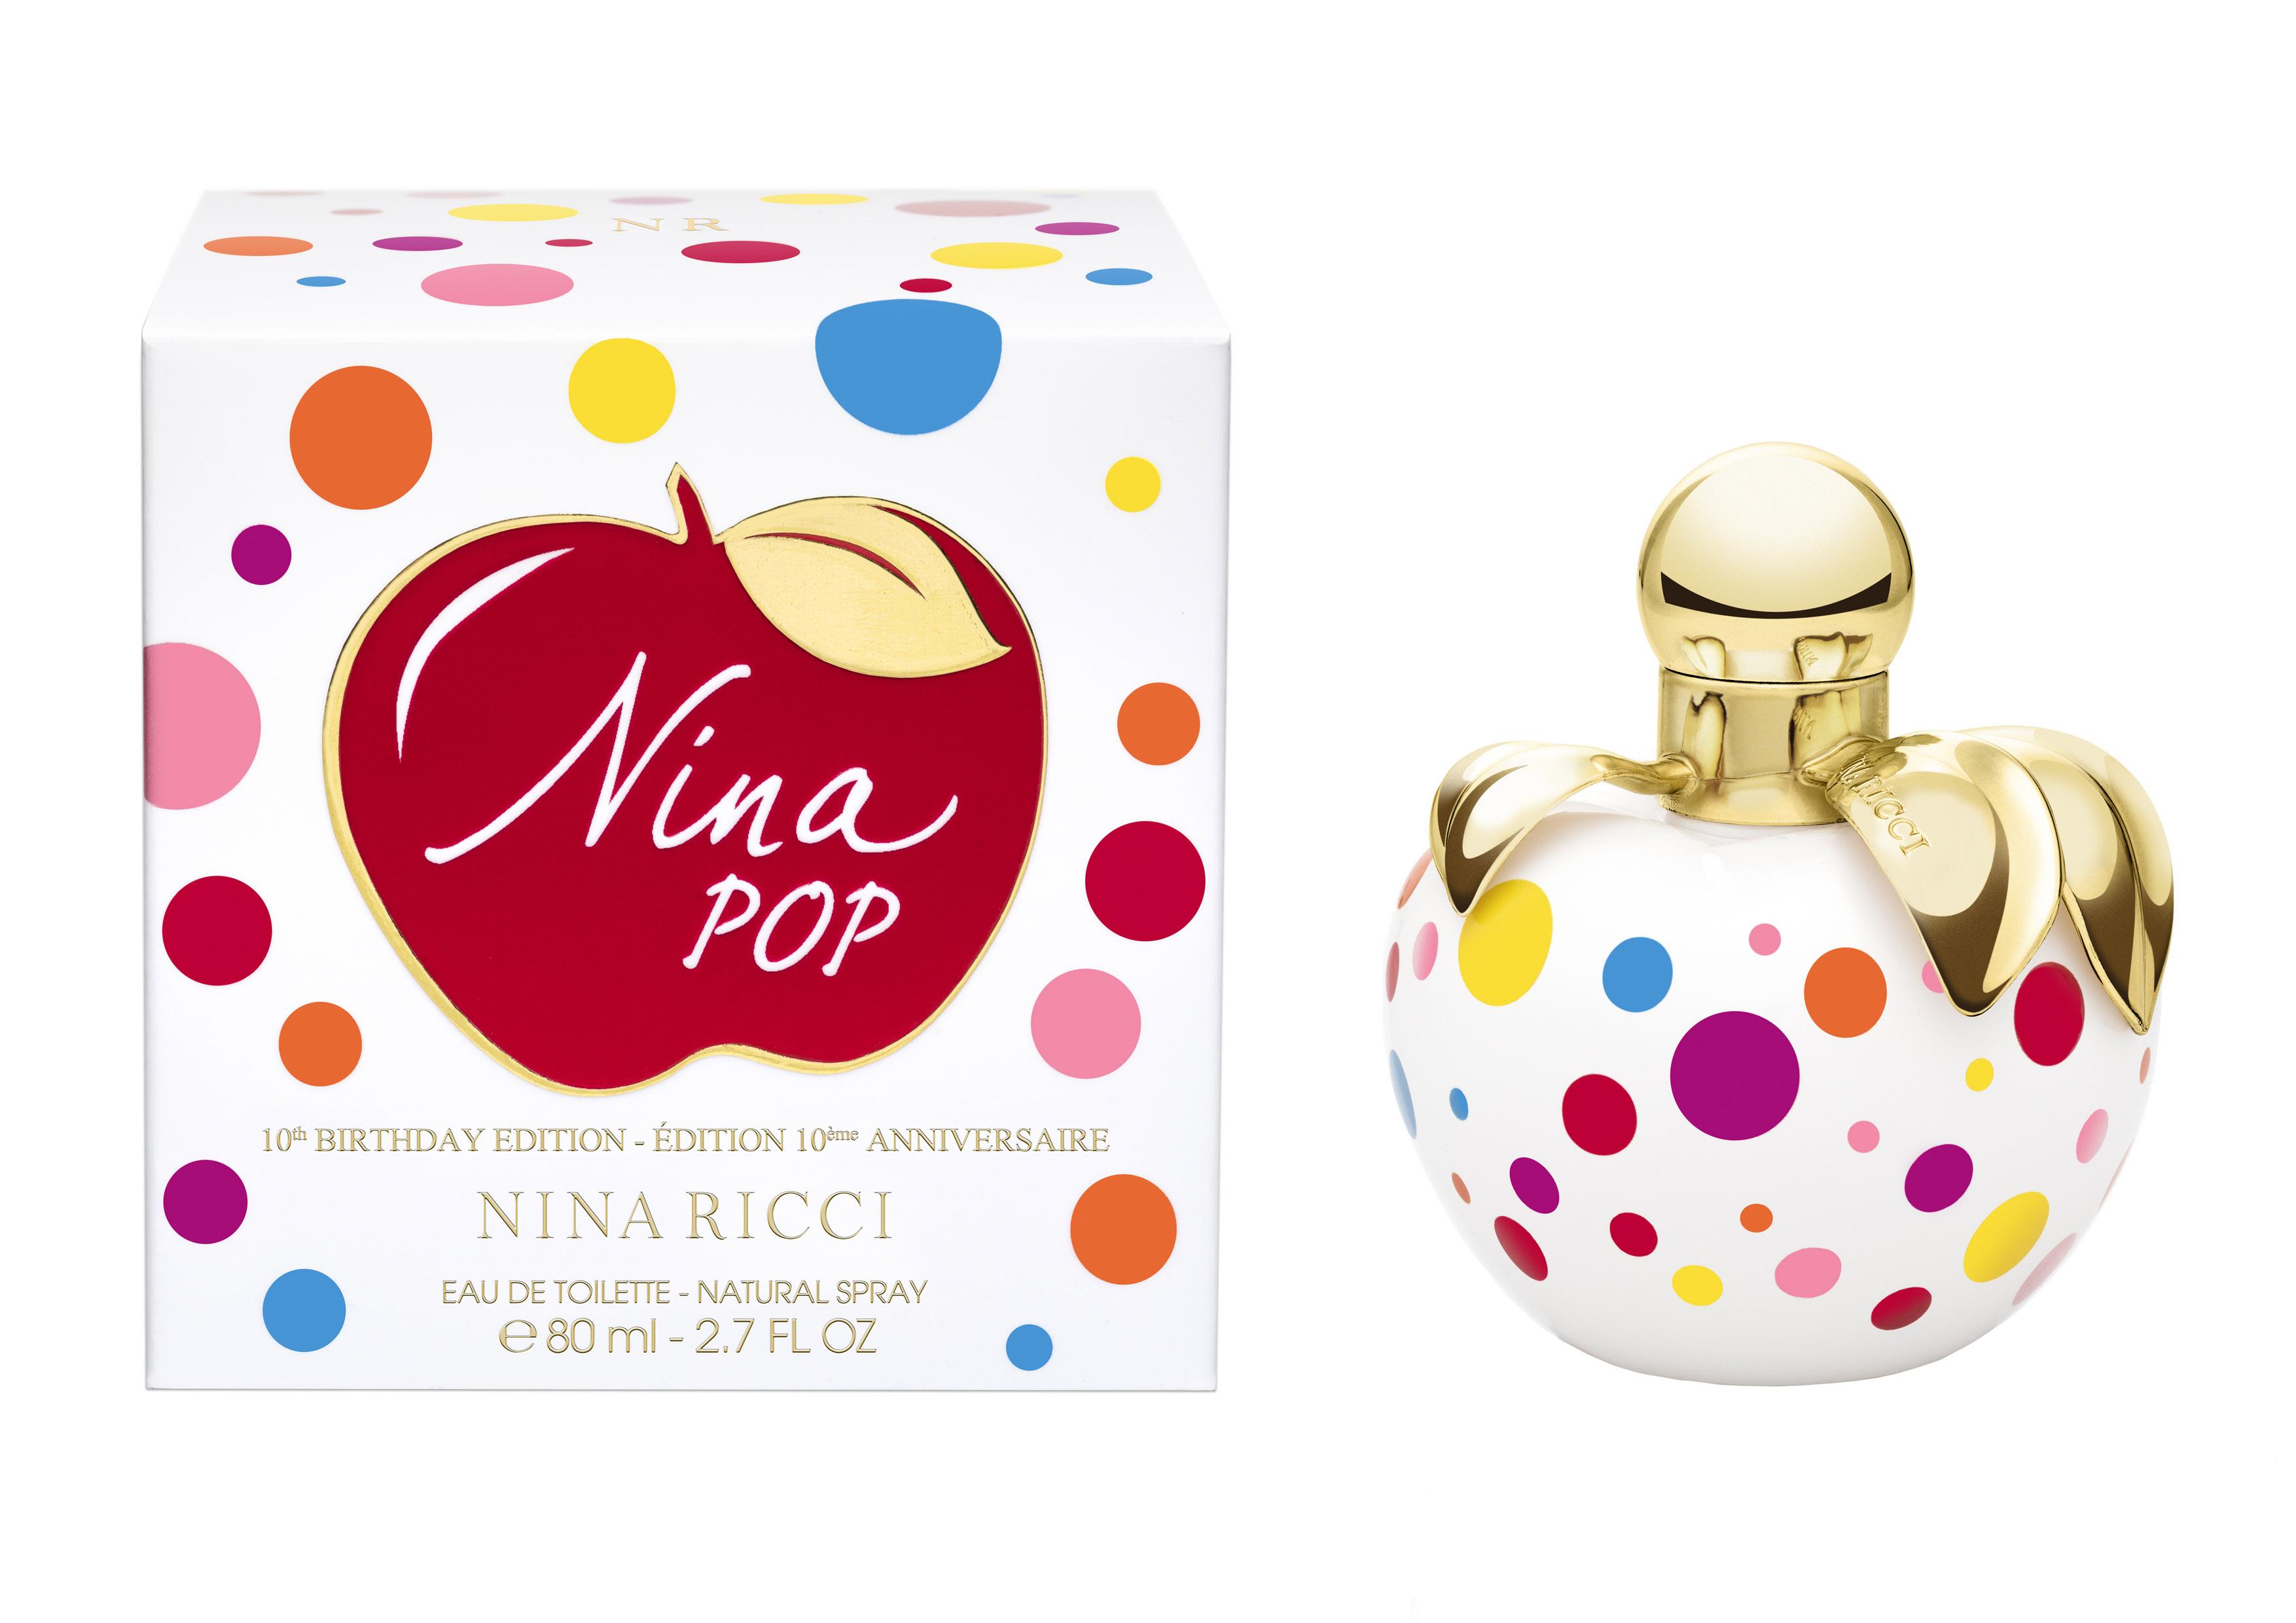 Модные ароматы к празднику весны и любви в сети «Суперфарм»!